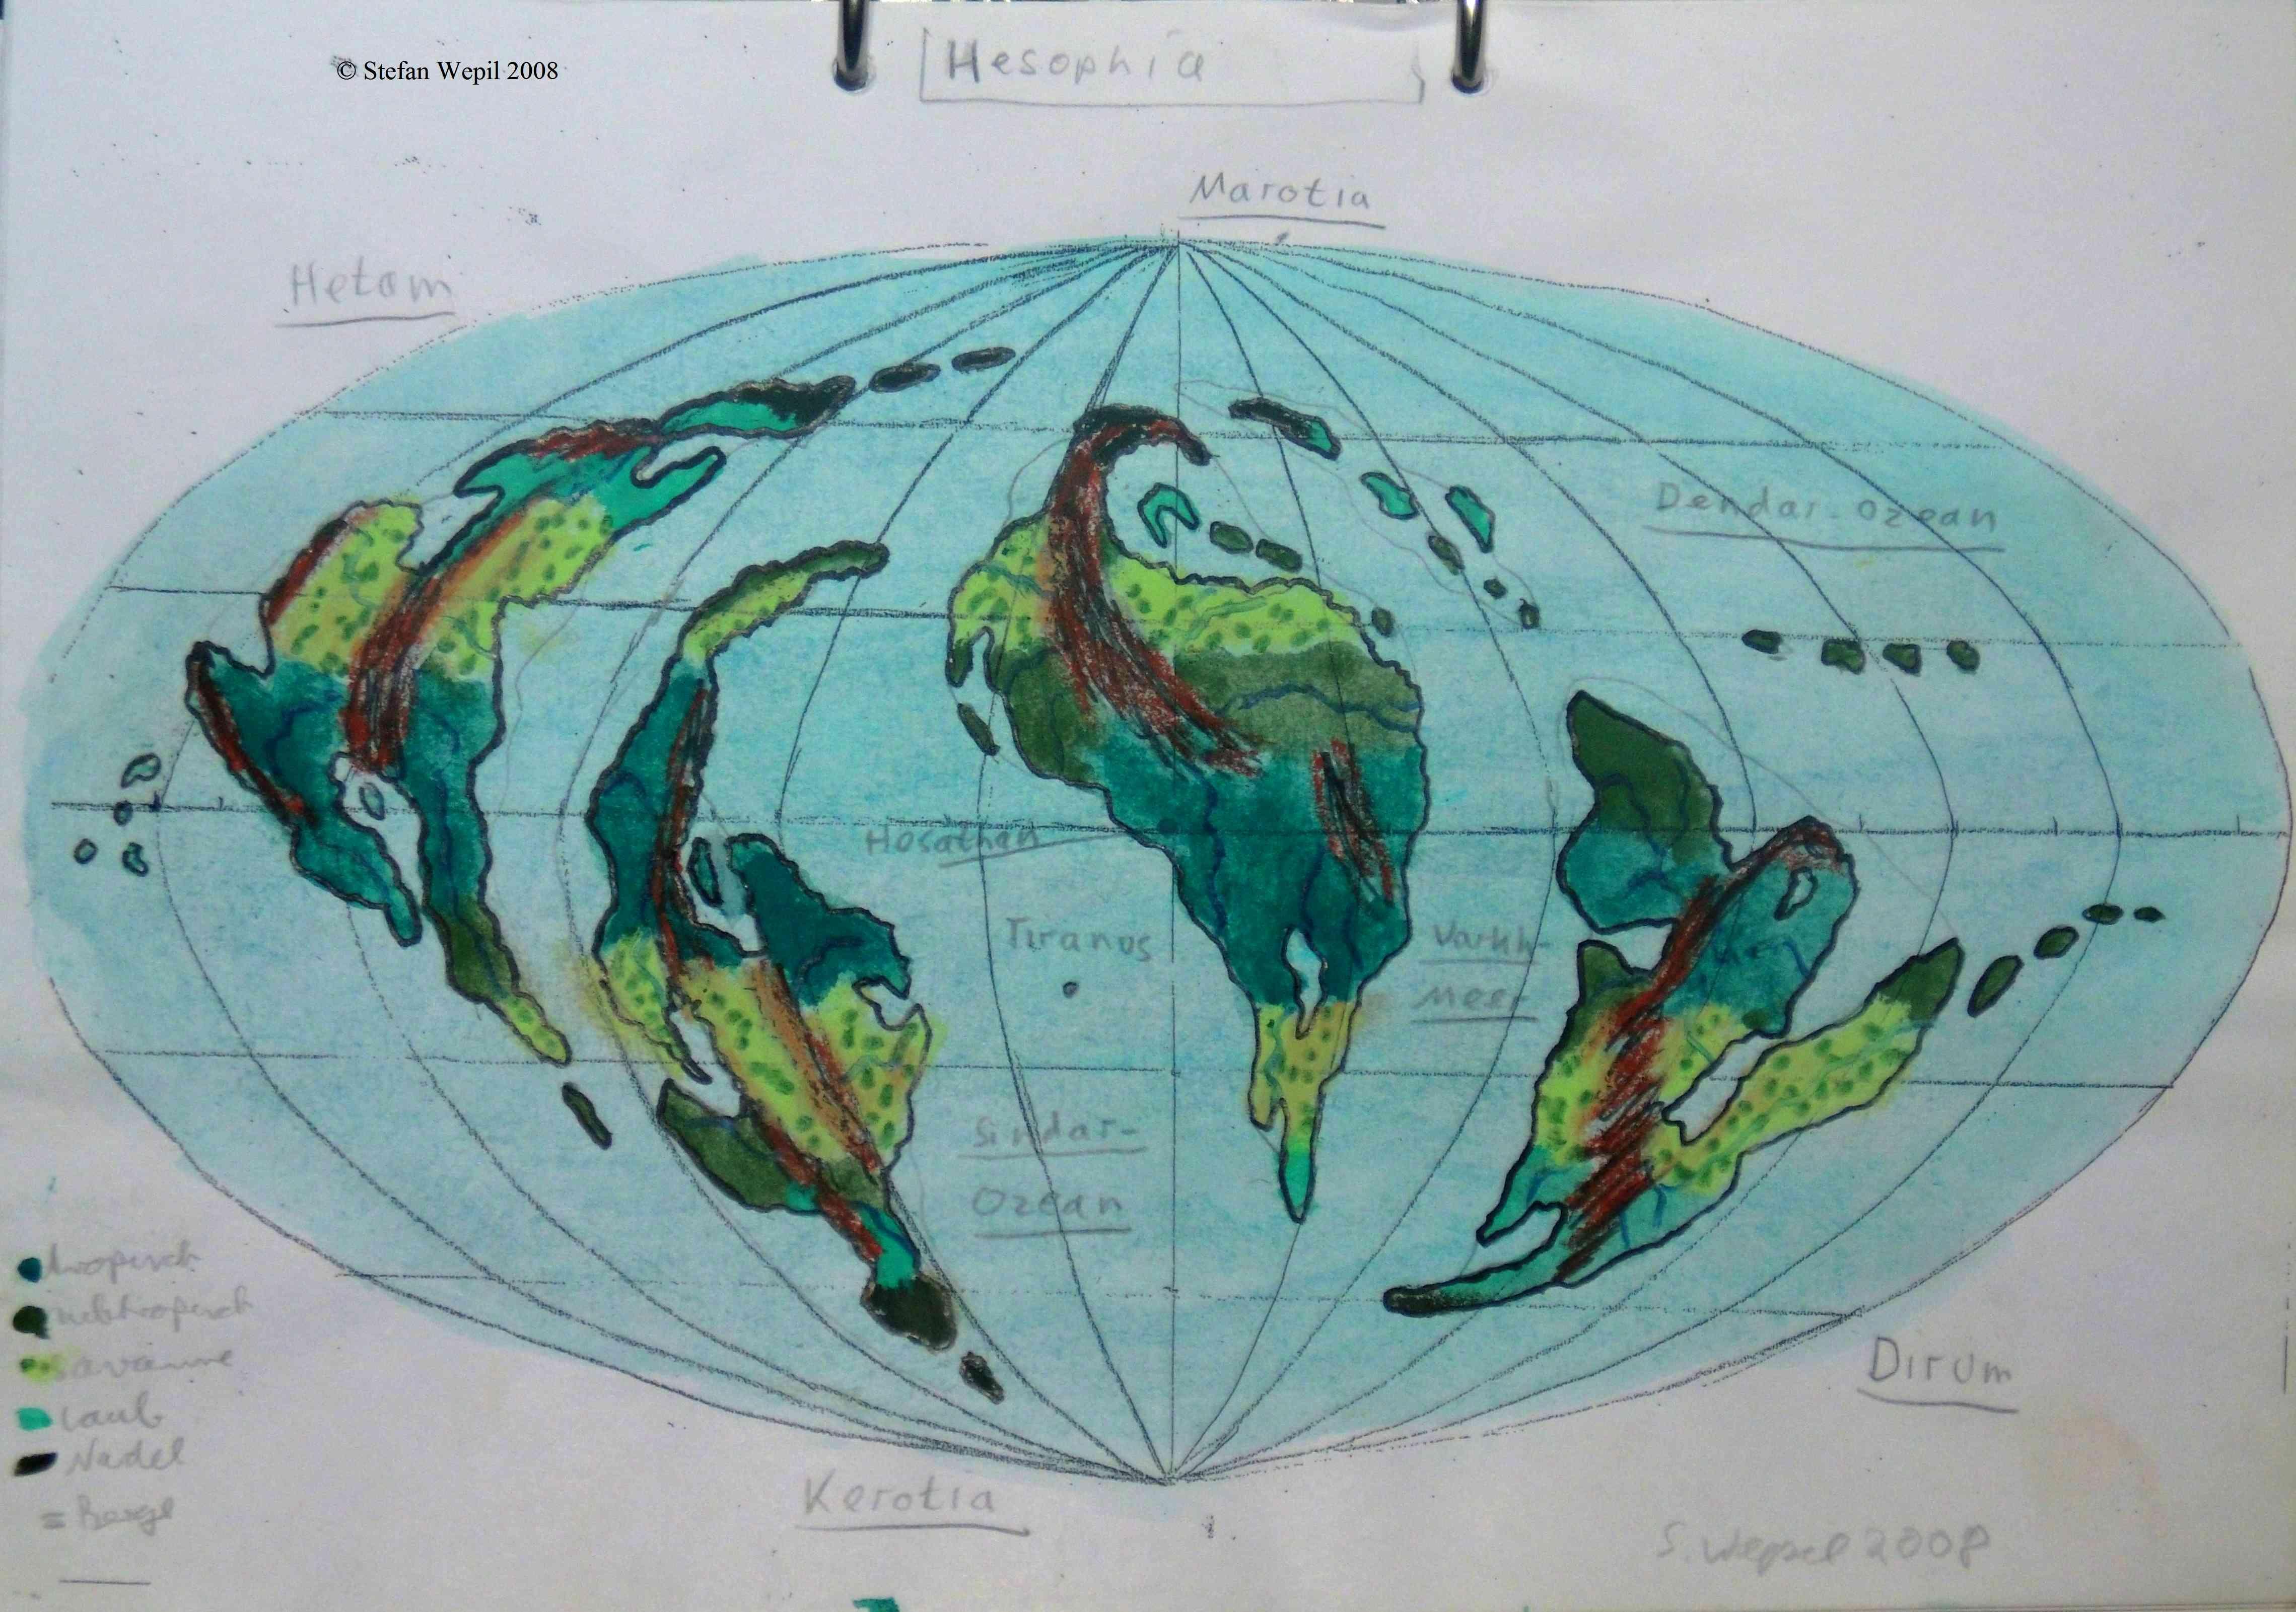 Landkarte des Planeten Hesophia, einer zentralen Welt des dorgonischen Kaiserreiches in der Galaxis M 100 Dorgon. (C) Stefan Wepil